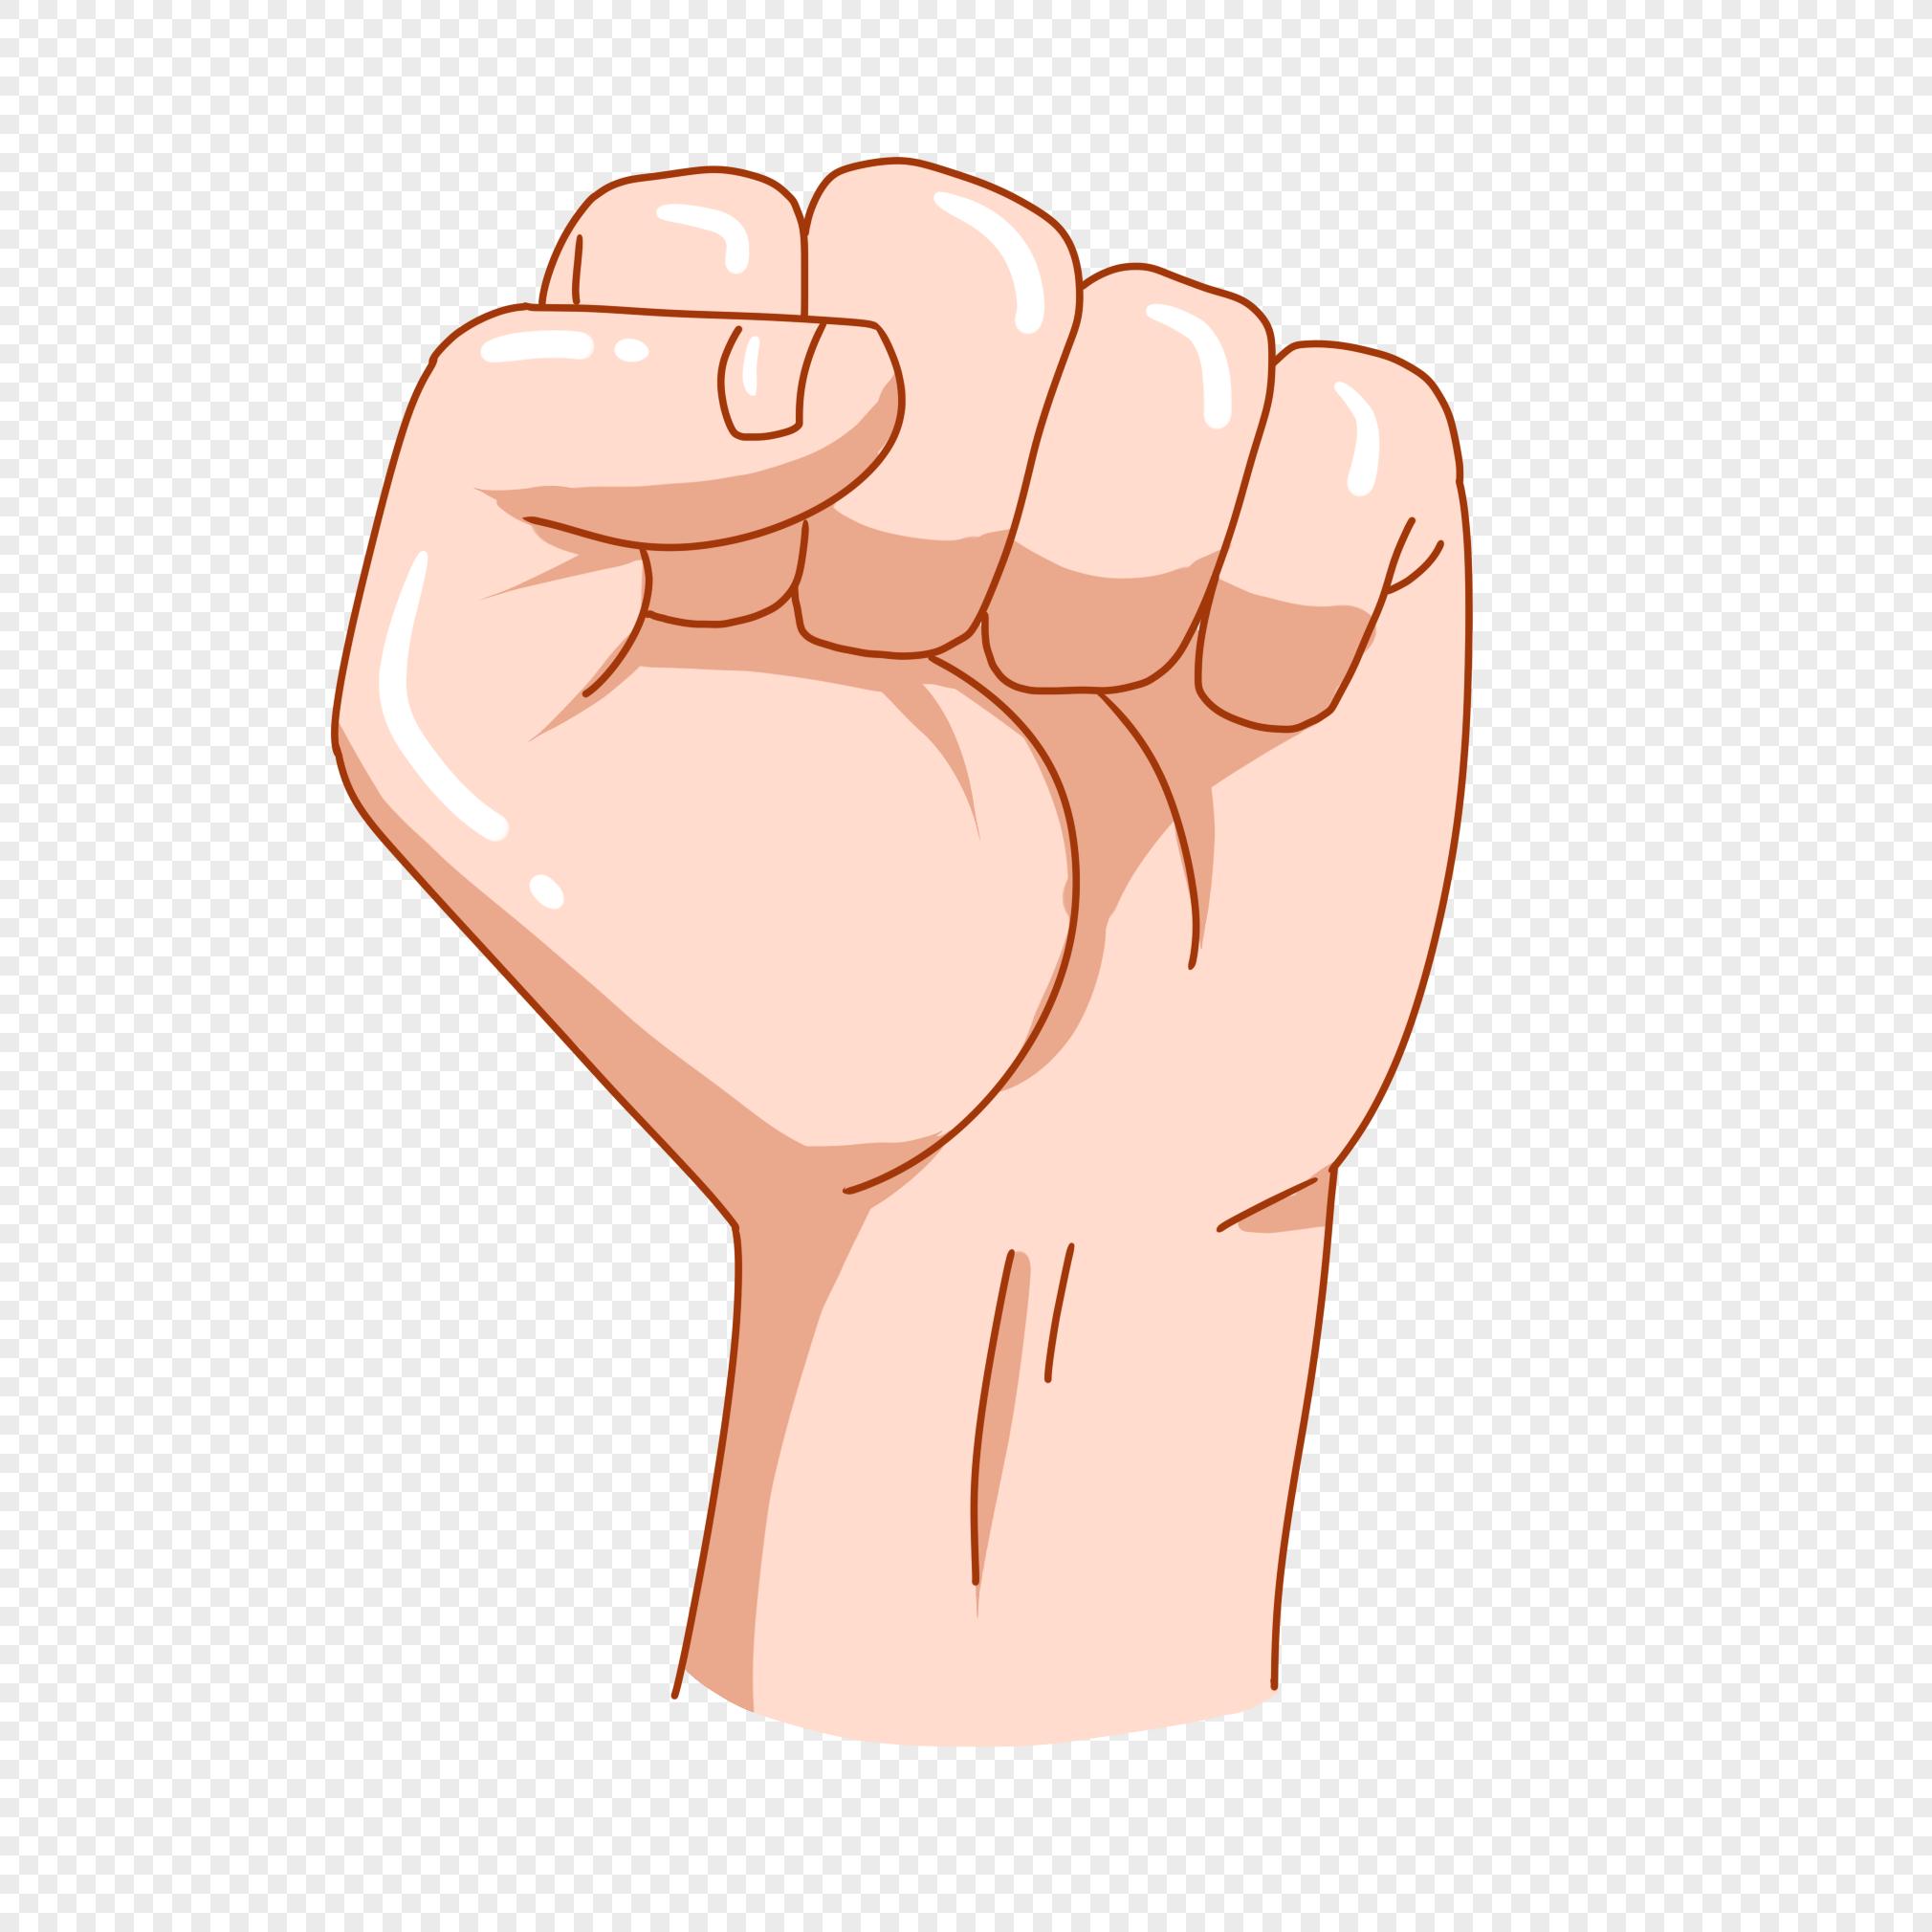 включить картинка кулака мультяшная составе